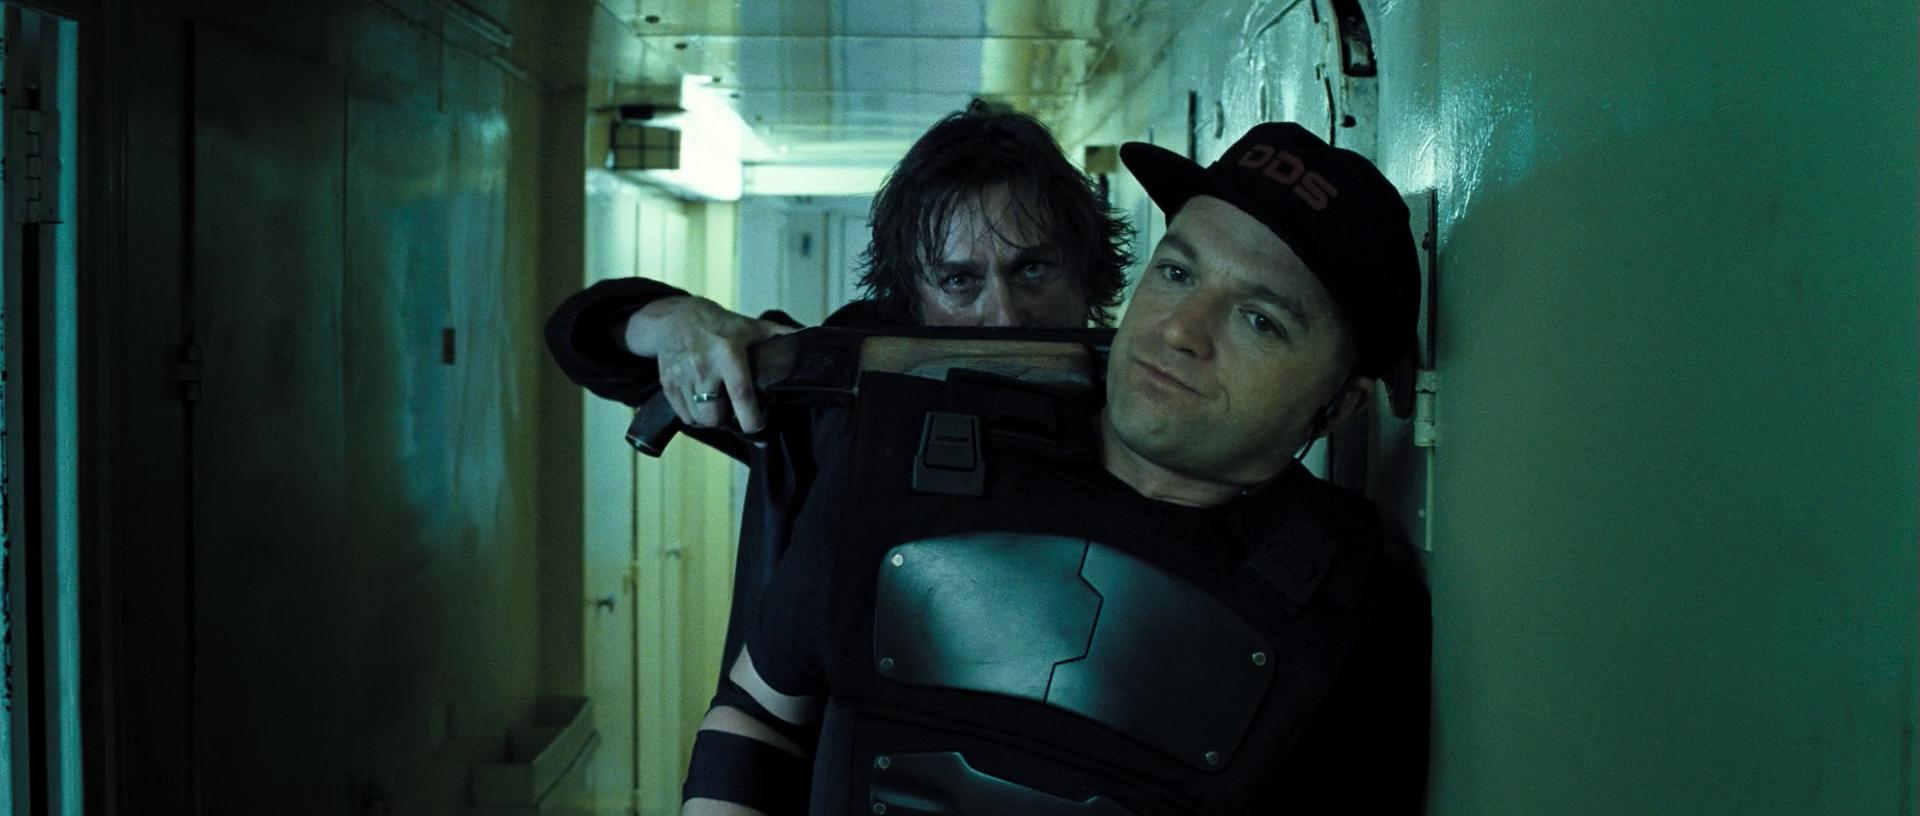 Судный день / Doomsday (2008/BDRip) 1080p от HELLYWOOD, Unrated, D, P, A